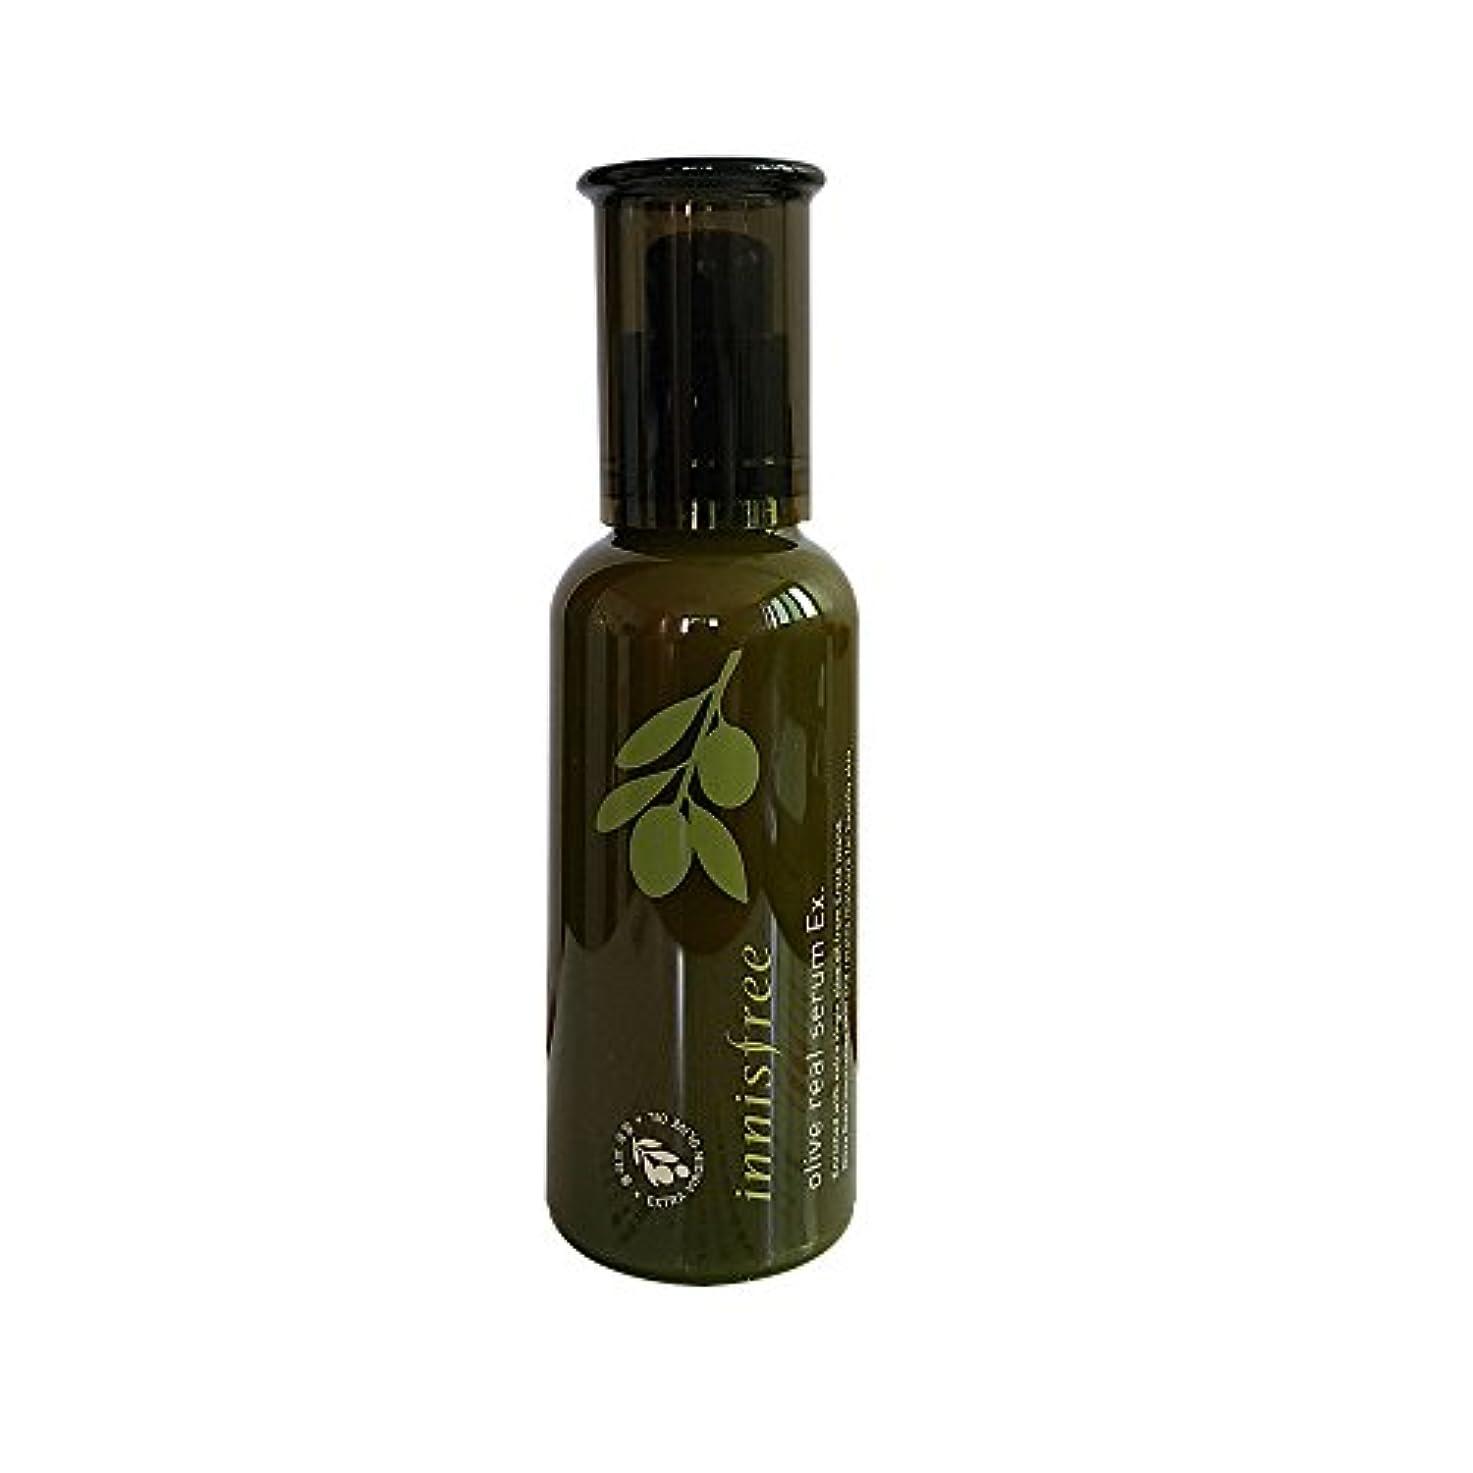 融合緊張するヒューズイニスフリー Innisfree オリーブリアルセラム(50ml) Innisfree Olive Real Serum(50ml) [海外直送品]